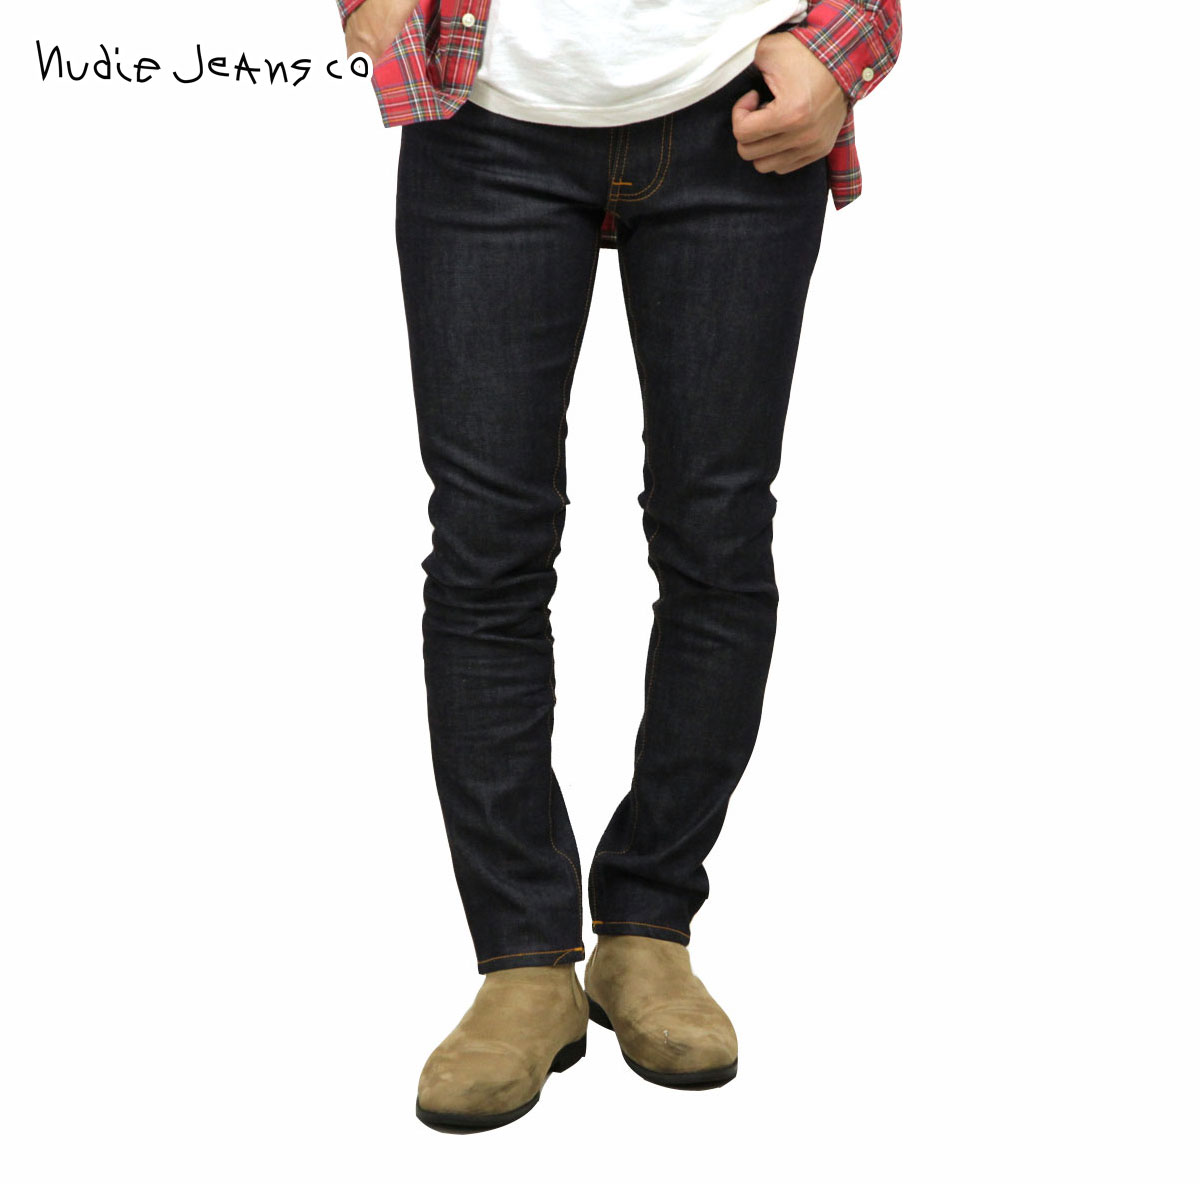 ヌーディージーンズ Nudie Jeans 正規販売店 メンズ ジーンズ レンディーン LEAN DEAN 498 1119460 DENIM JEANS BLACK DRY 16 DIPS